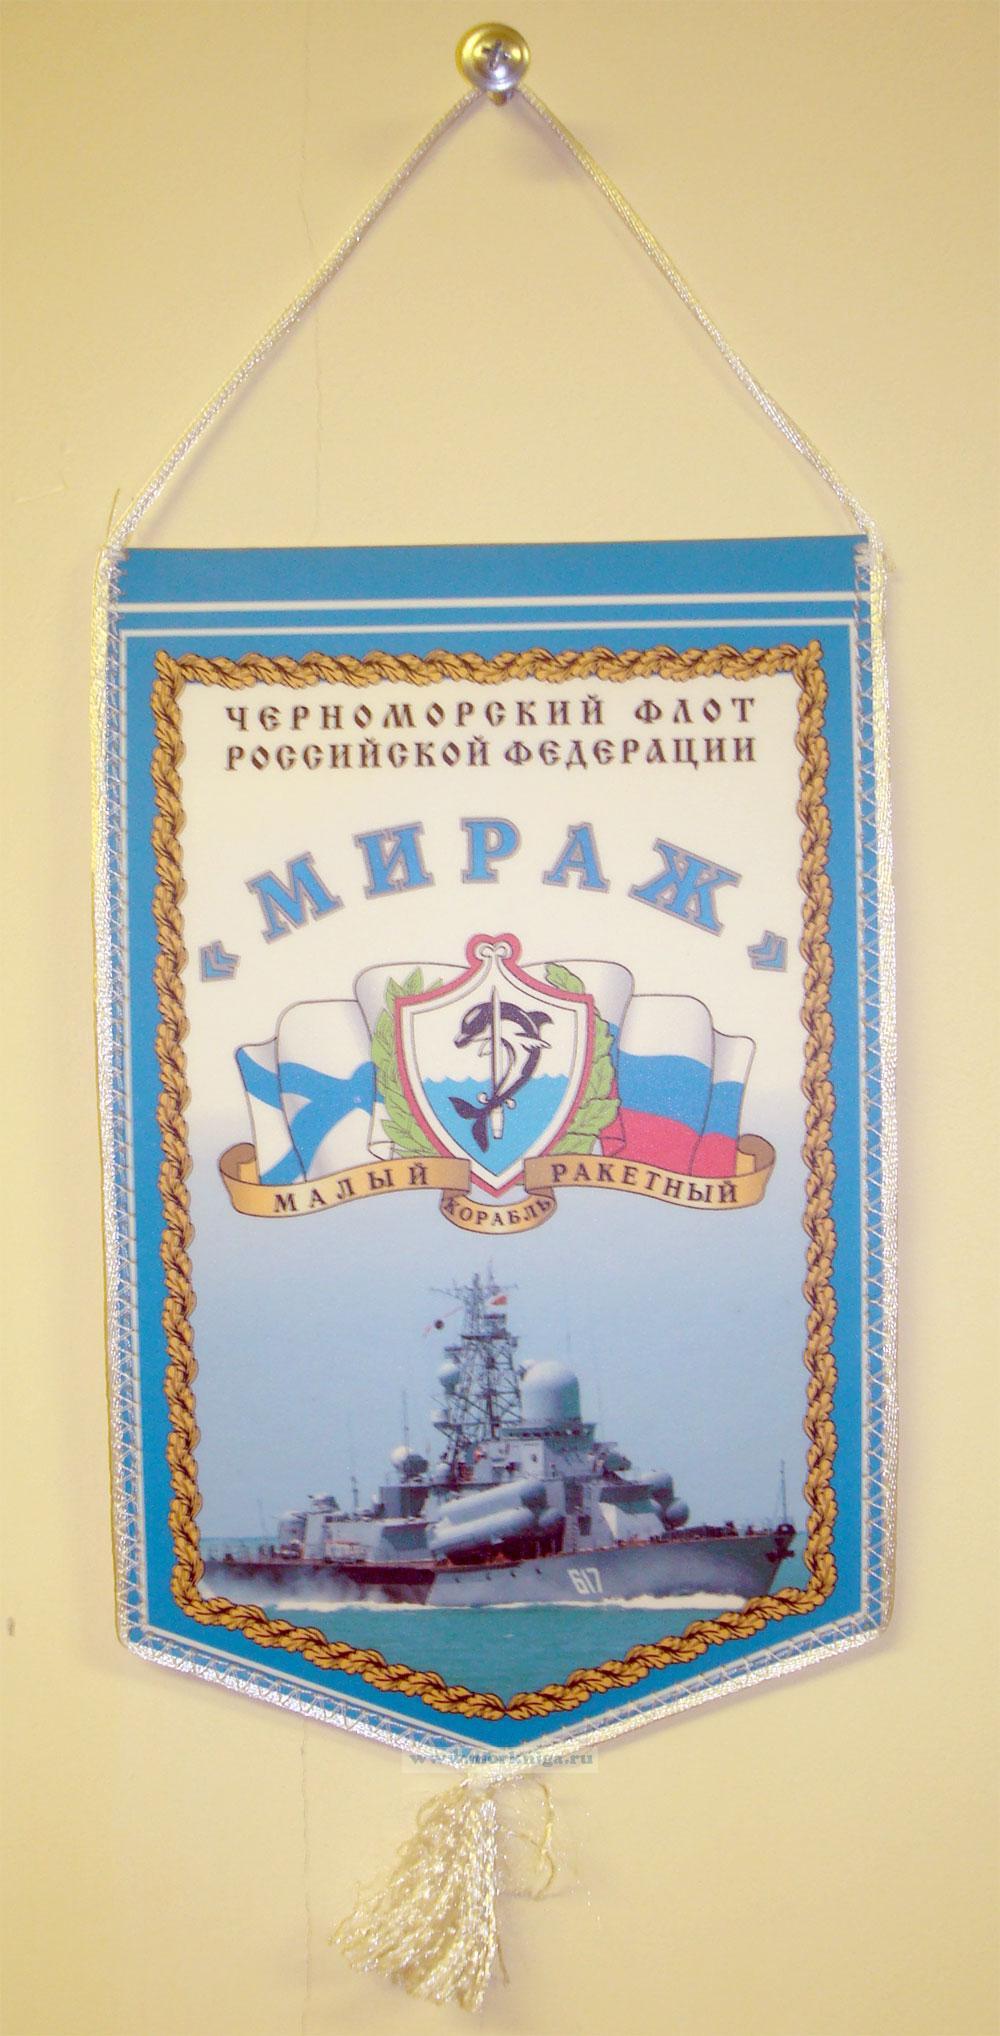 """Вымпел. Малый ракетный корабль """"Мираж"""""""